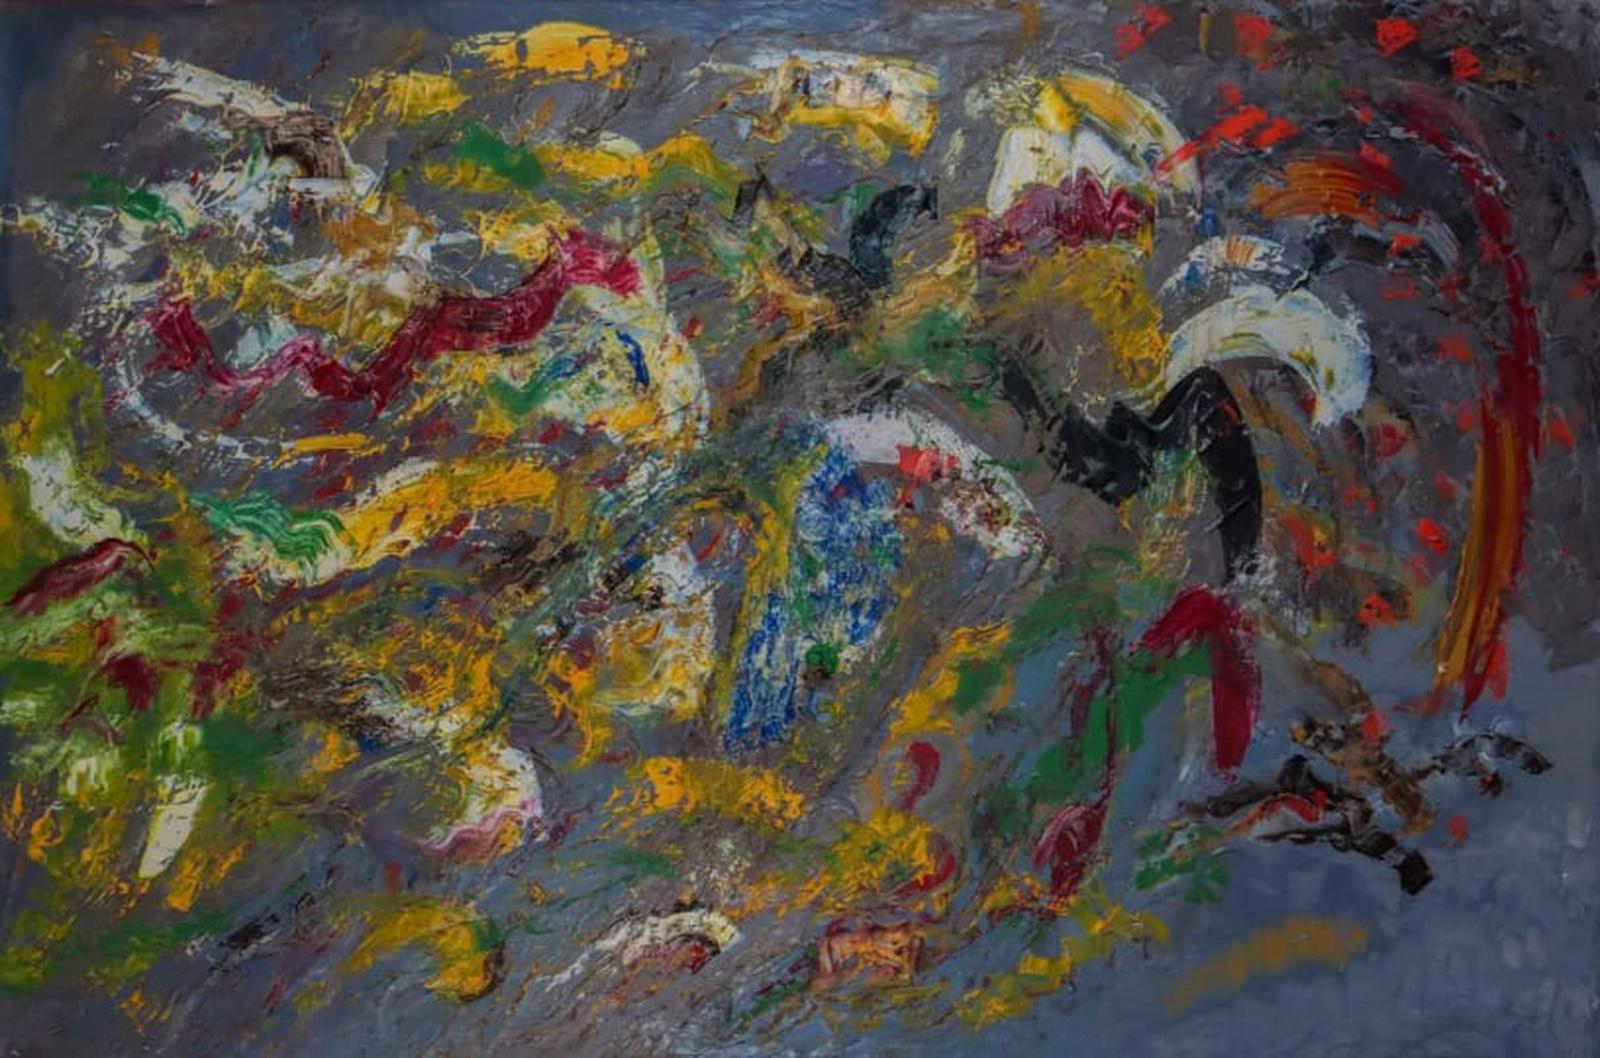 L'Angolo di Marta Lock (IE): L'eclettismo pittorico di Ioannis Kaiserlis sotto il segno dell'Espress